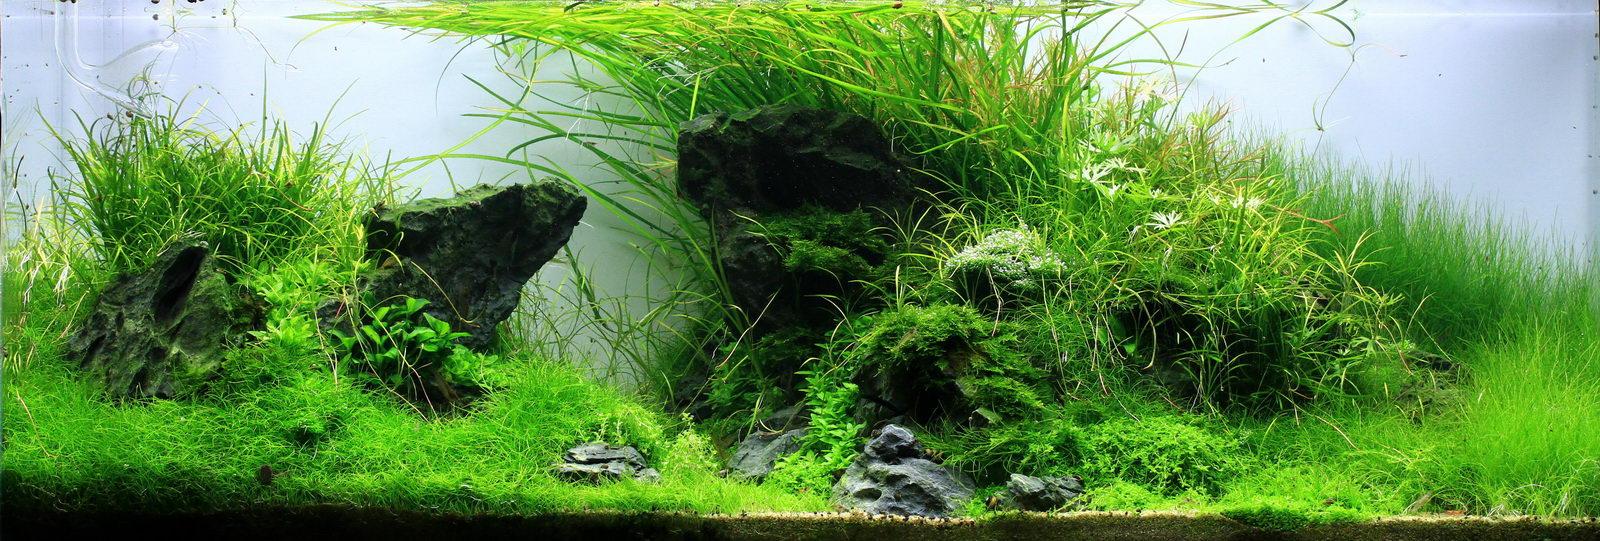 Aquascape aliran diy bagaimana cara membuat aquascape profesional dengan dana seadanya - Gambar aquascape ...